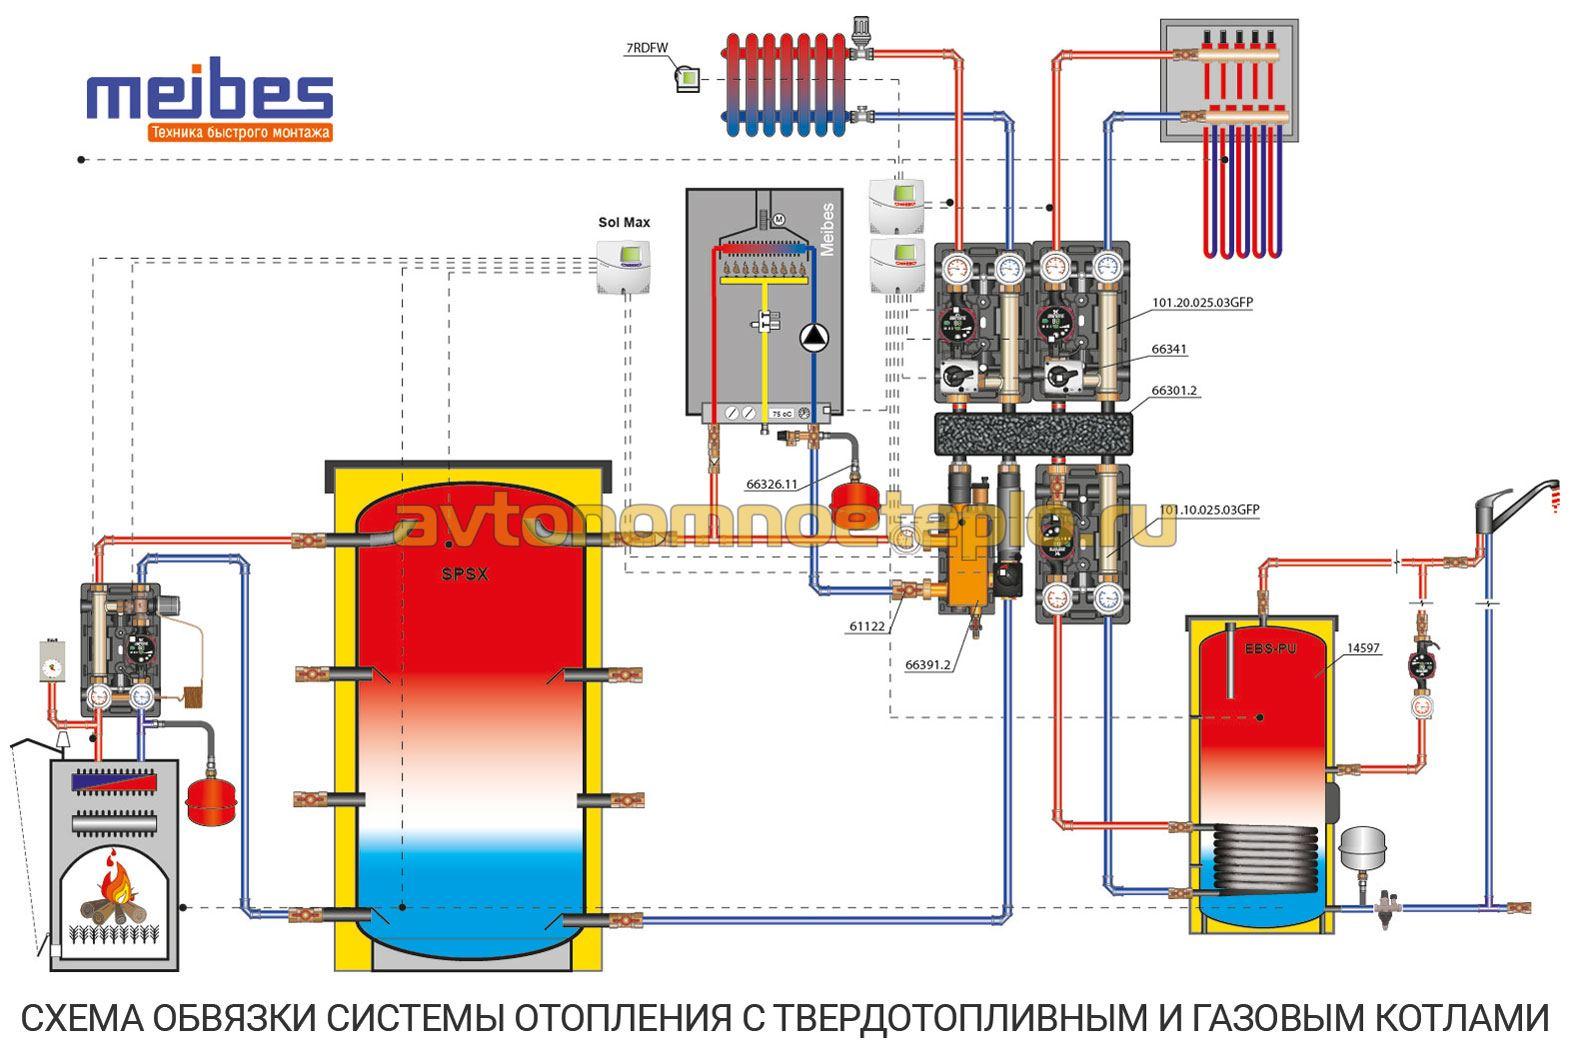 Схема системы отопления частного дома твердотопливным котлом